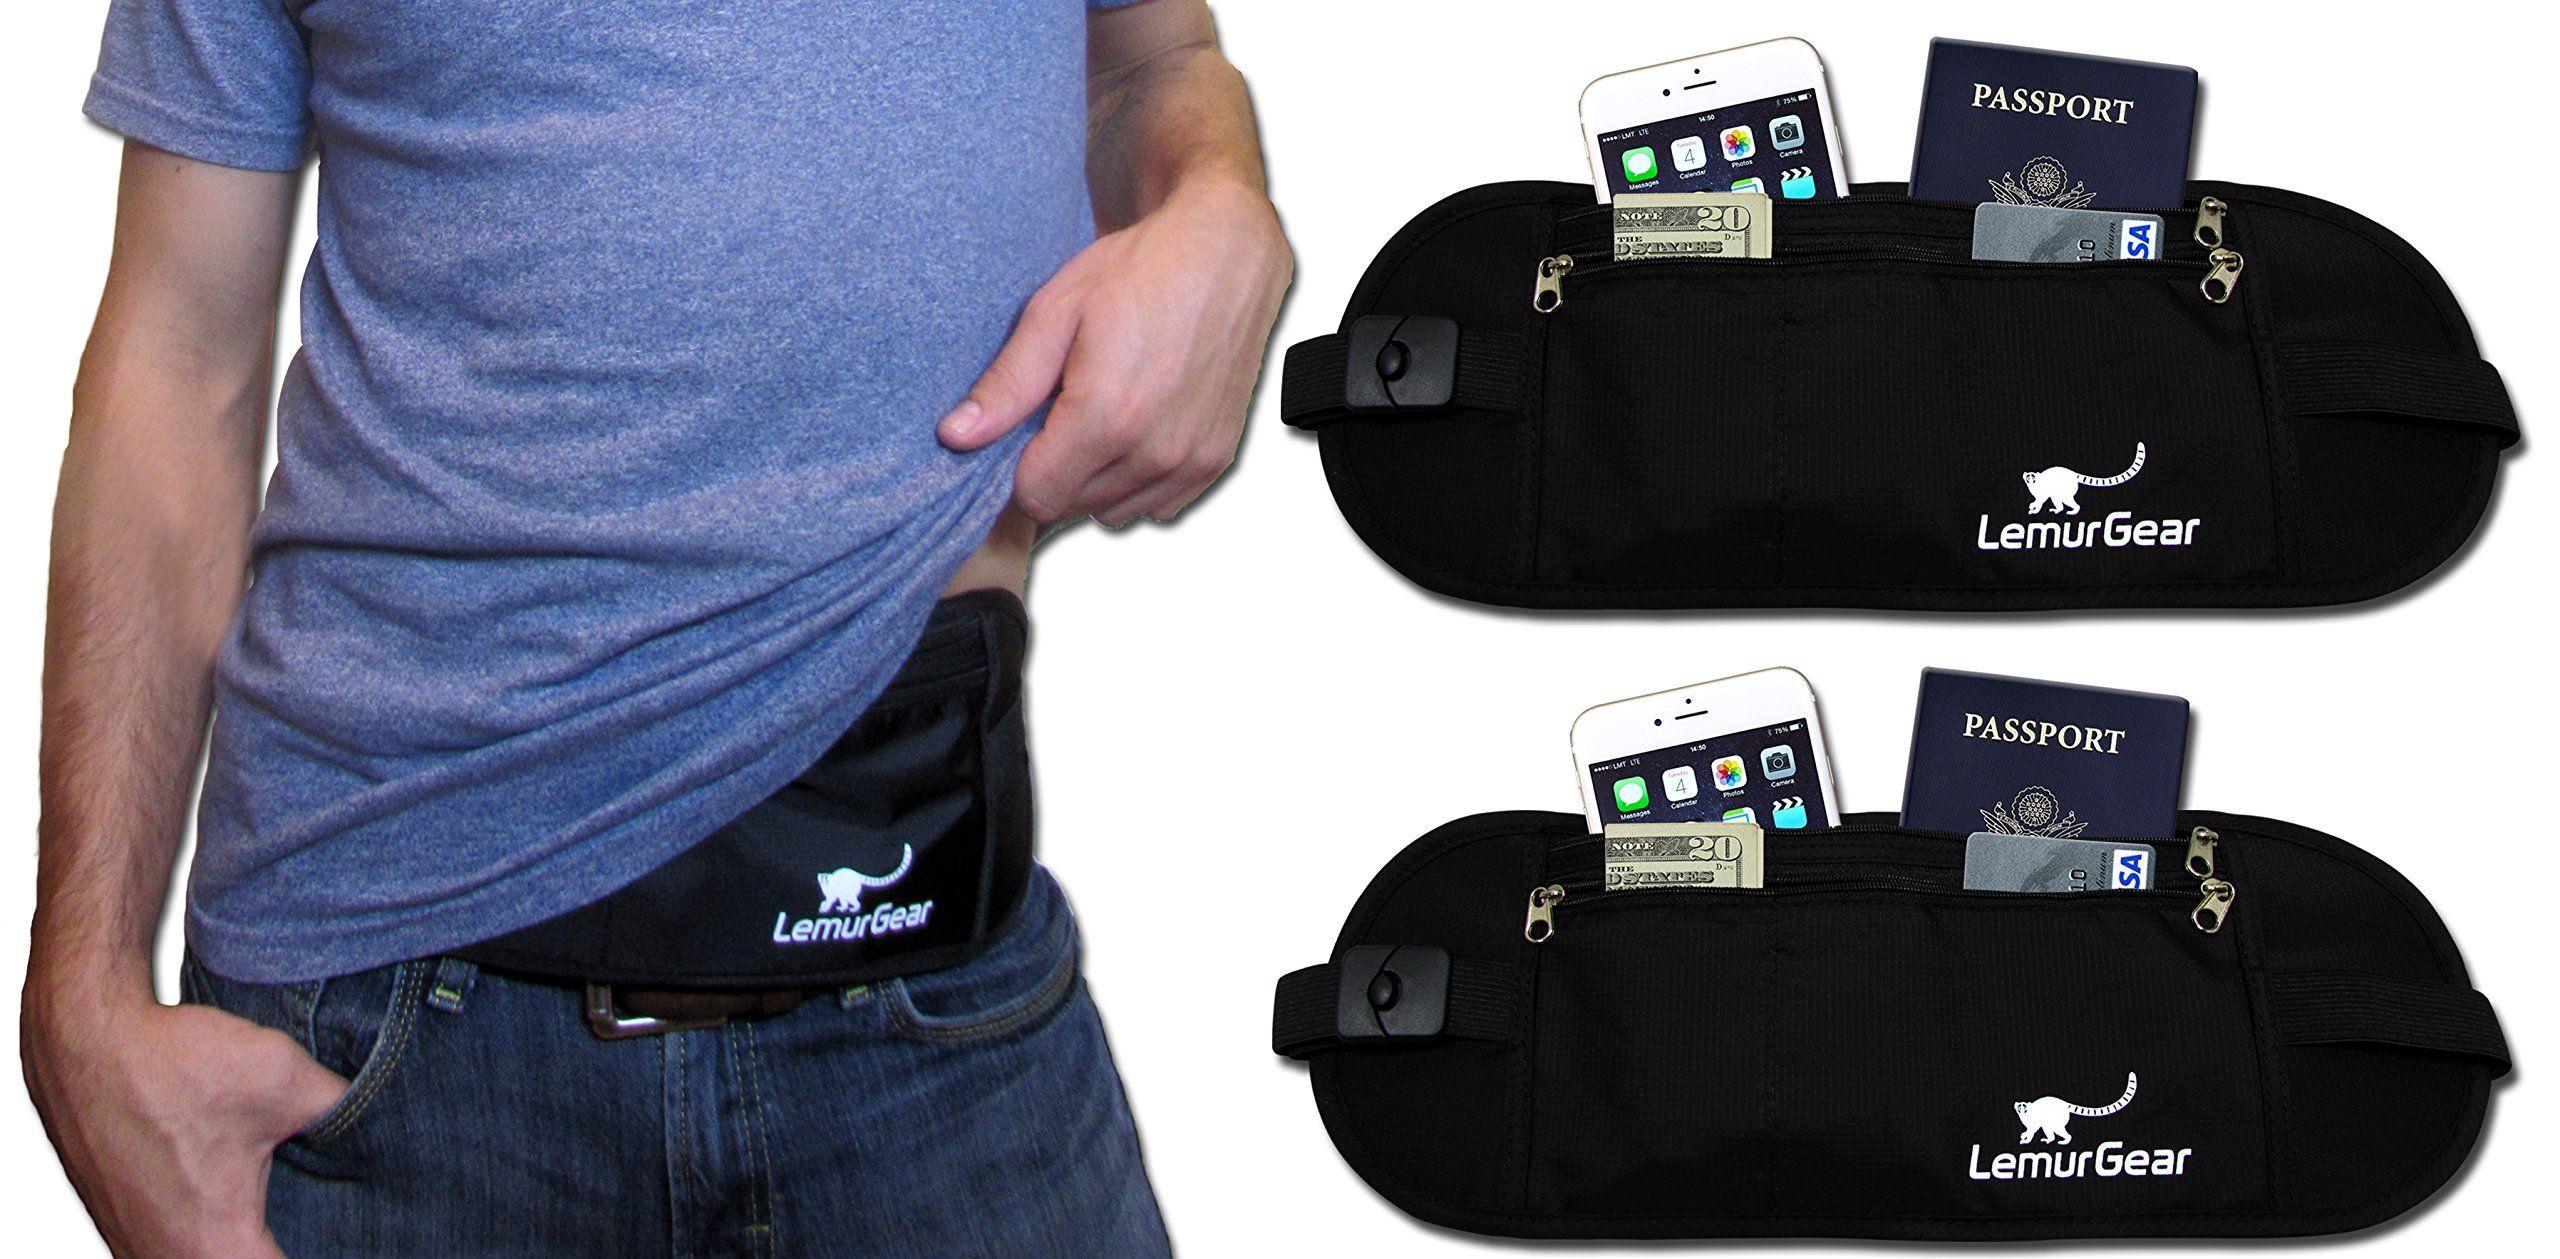 Amazon.com: RFID Blocking Passport Holder Money Belt, Travel Wallet, Waist Pack Beige: Clothing